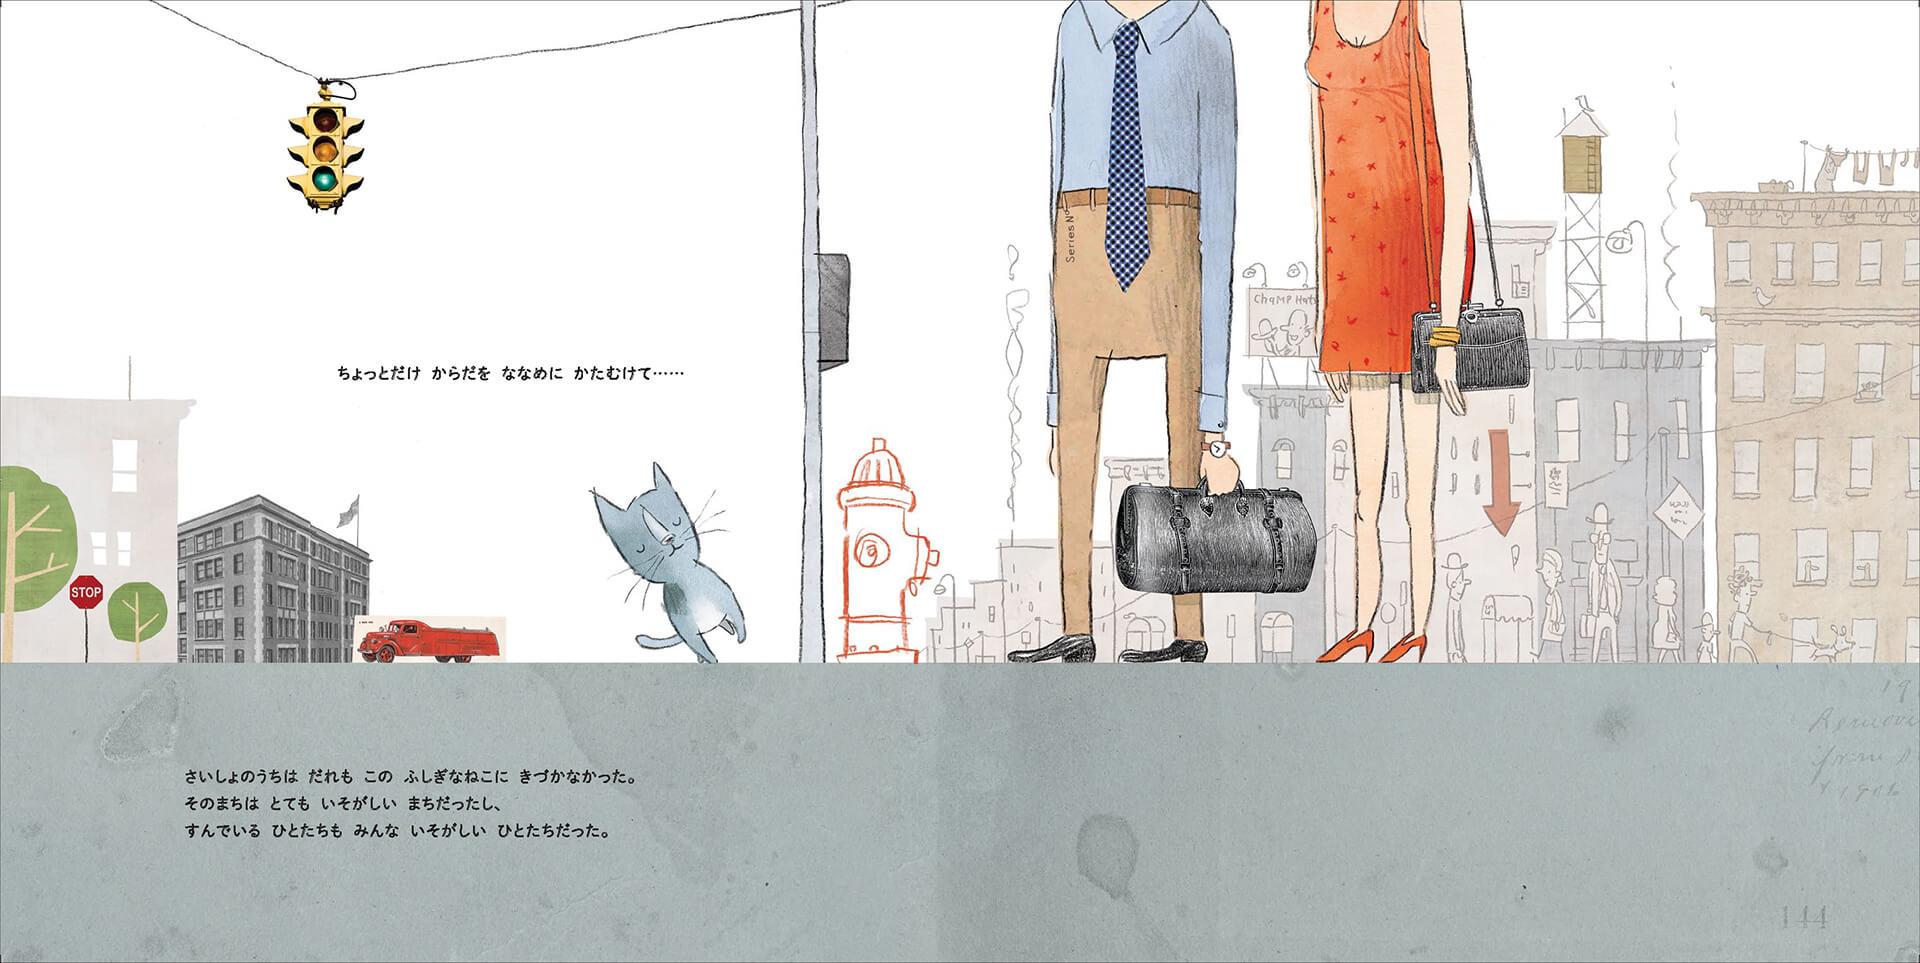 絵本『ななめねこ まちをゆく』を【こどものほん編集部公式YouTubeチャンネル】にて公開